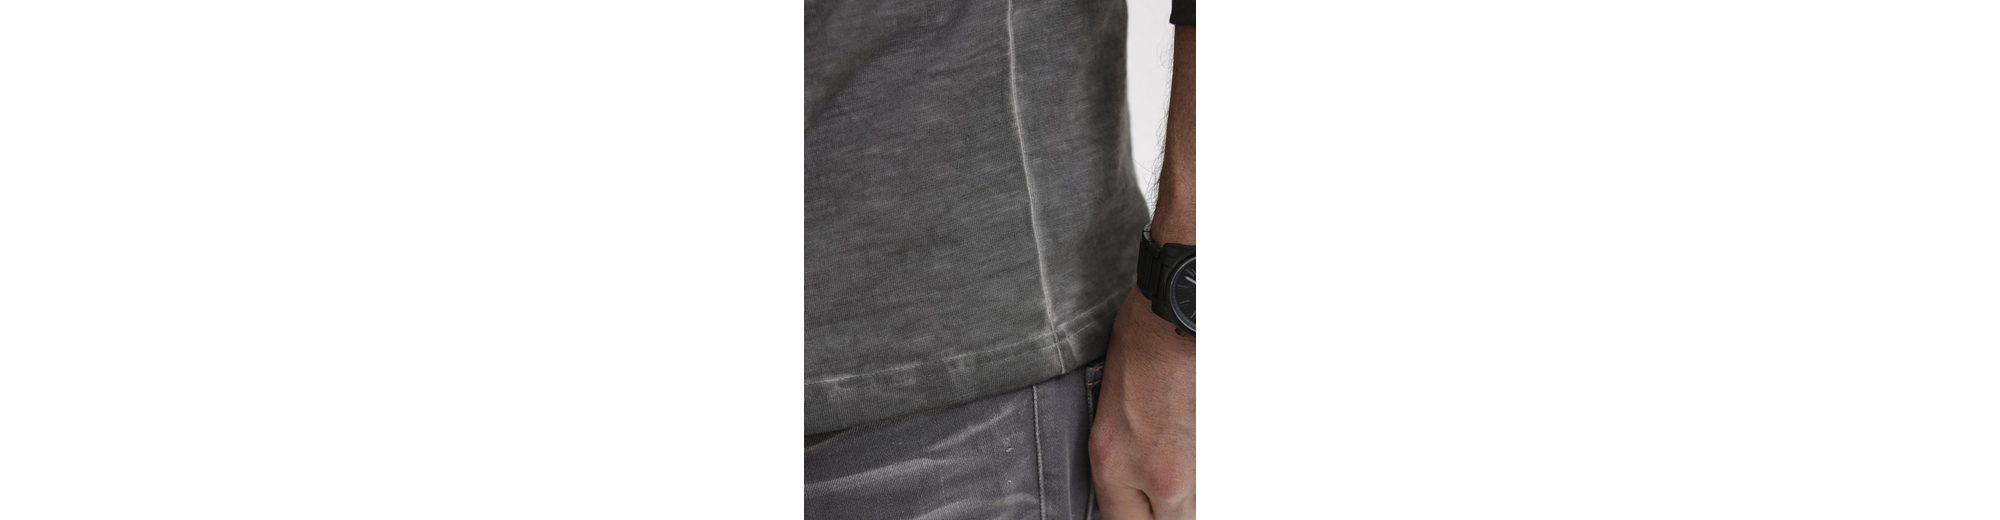 Freies Verschiffen Bester Verkauf Babista Langarmshirt mit Henleykragen Modisch Günstiger Preis me6desY9x